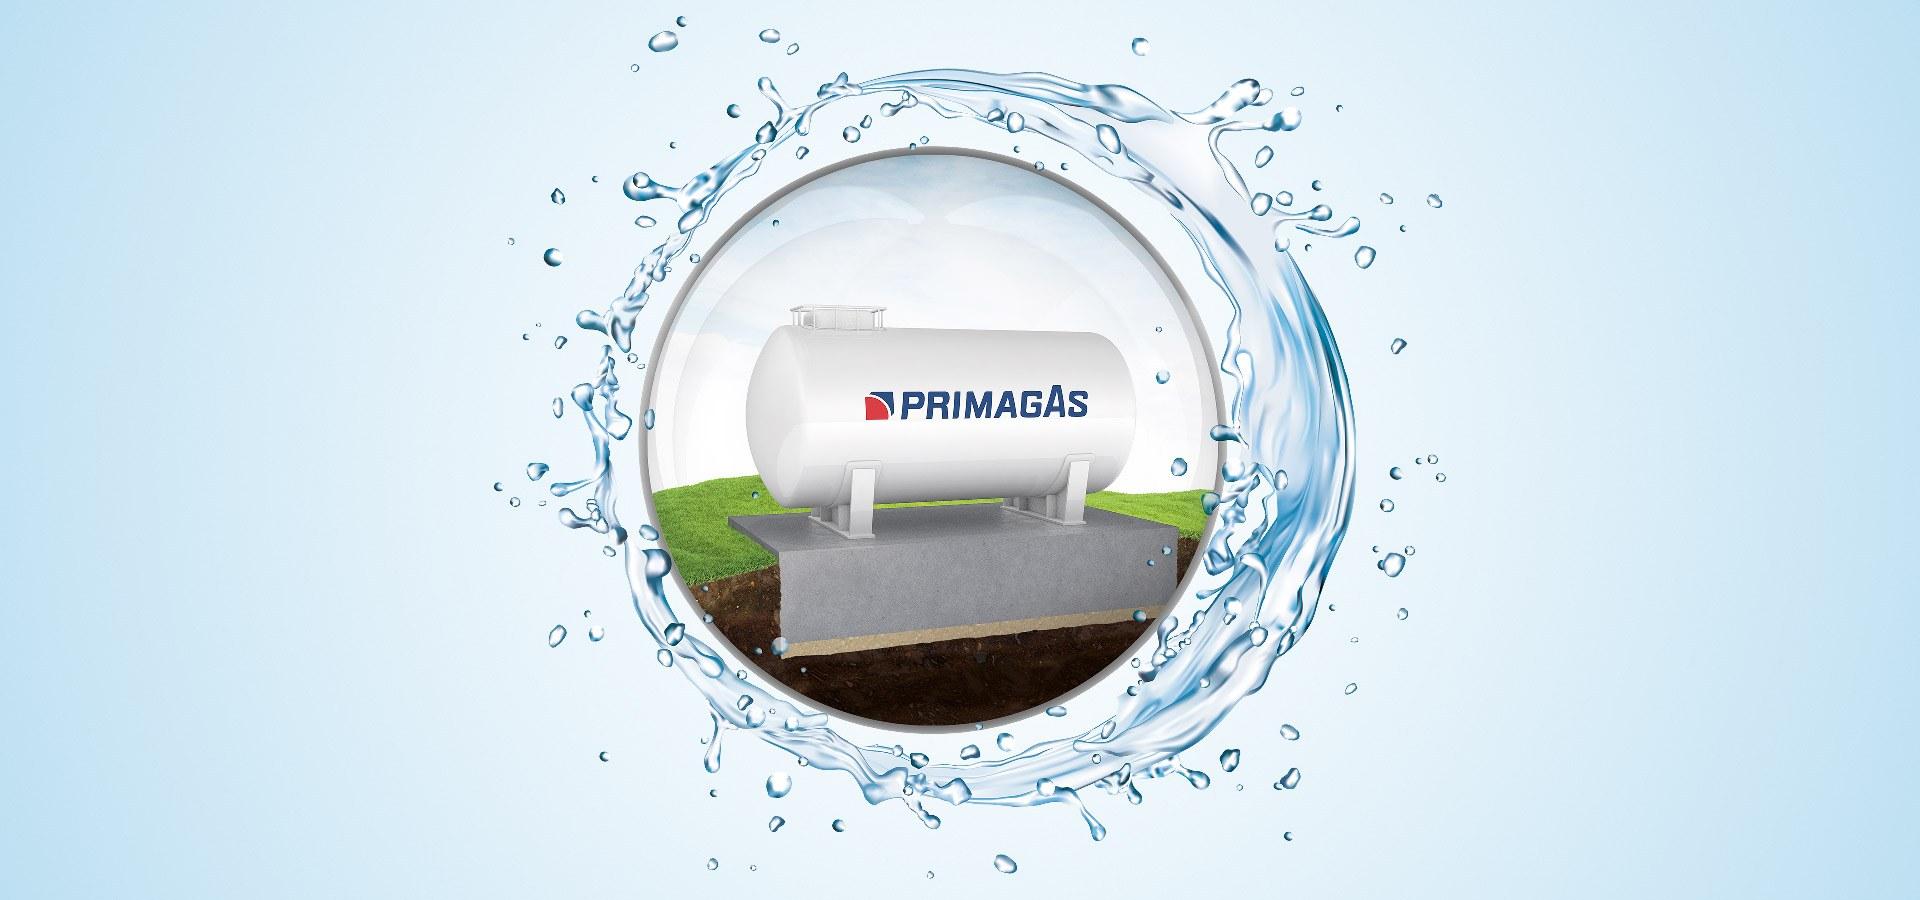 PRIMAGAS - Flüssiggas für Hochwassergebiete